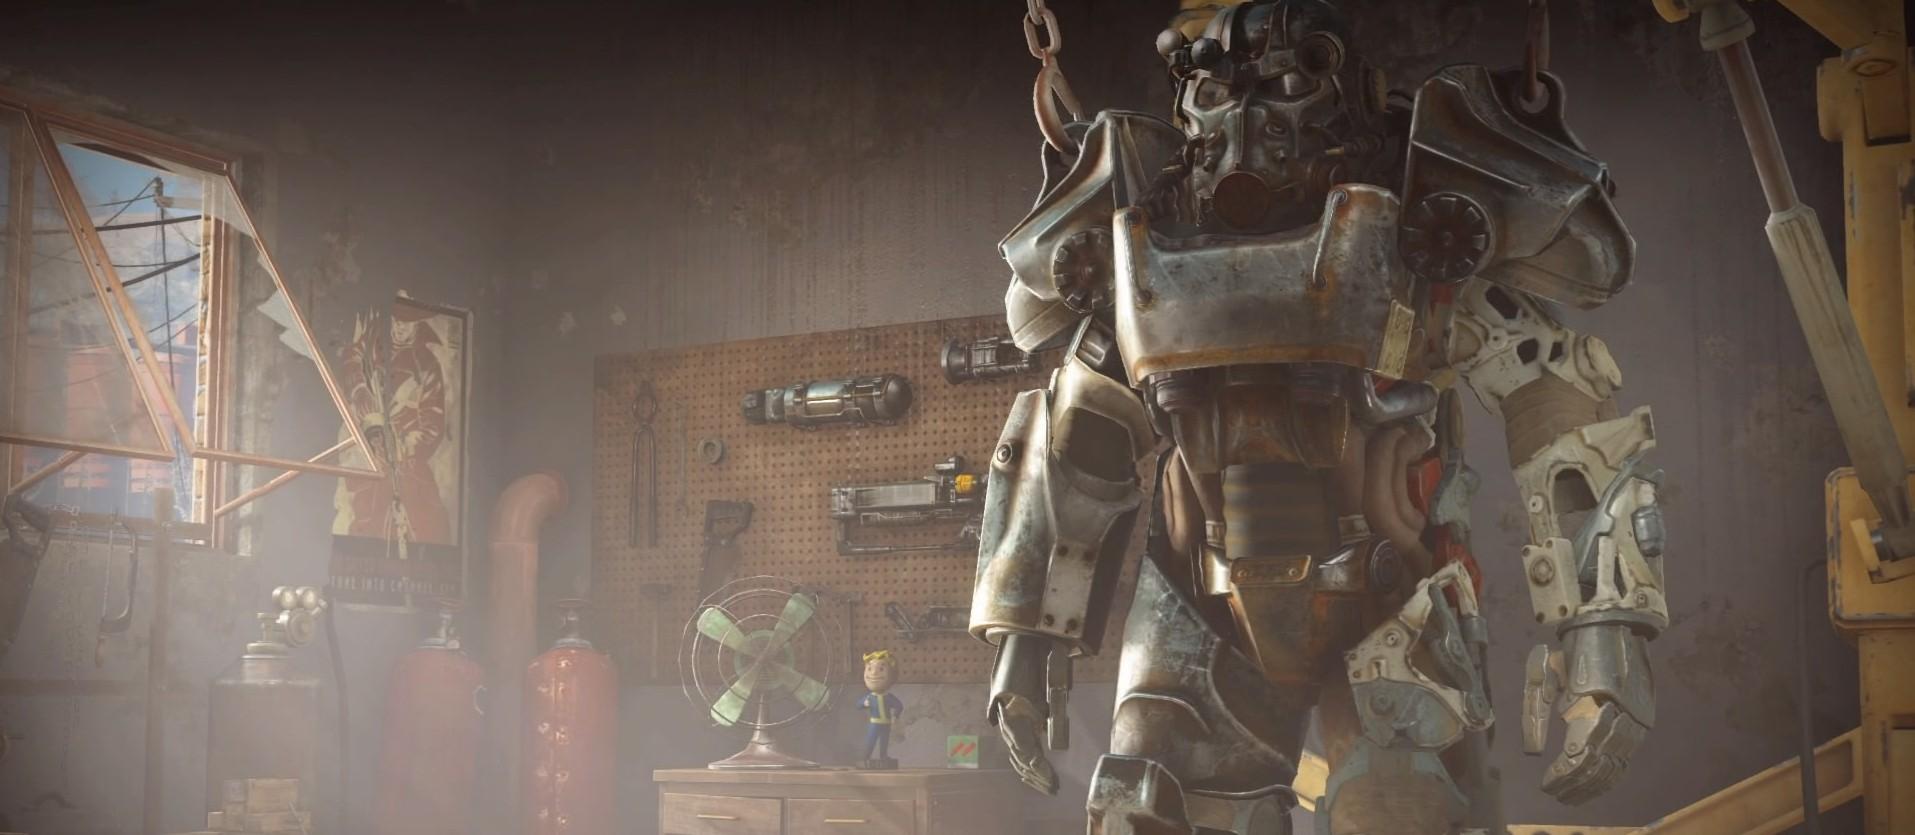 Zamiast PC, wybrałem konsolę. Spędziłem dzień z Fallout 4 i jestem przytłoczony możliwościami